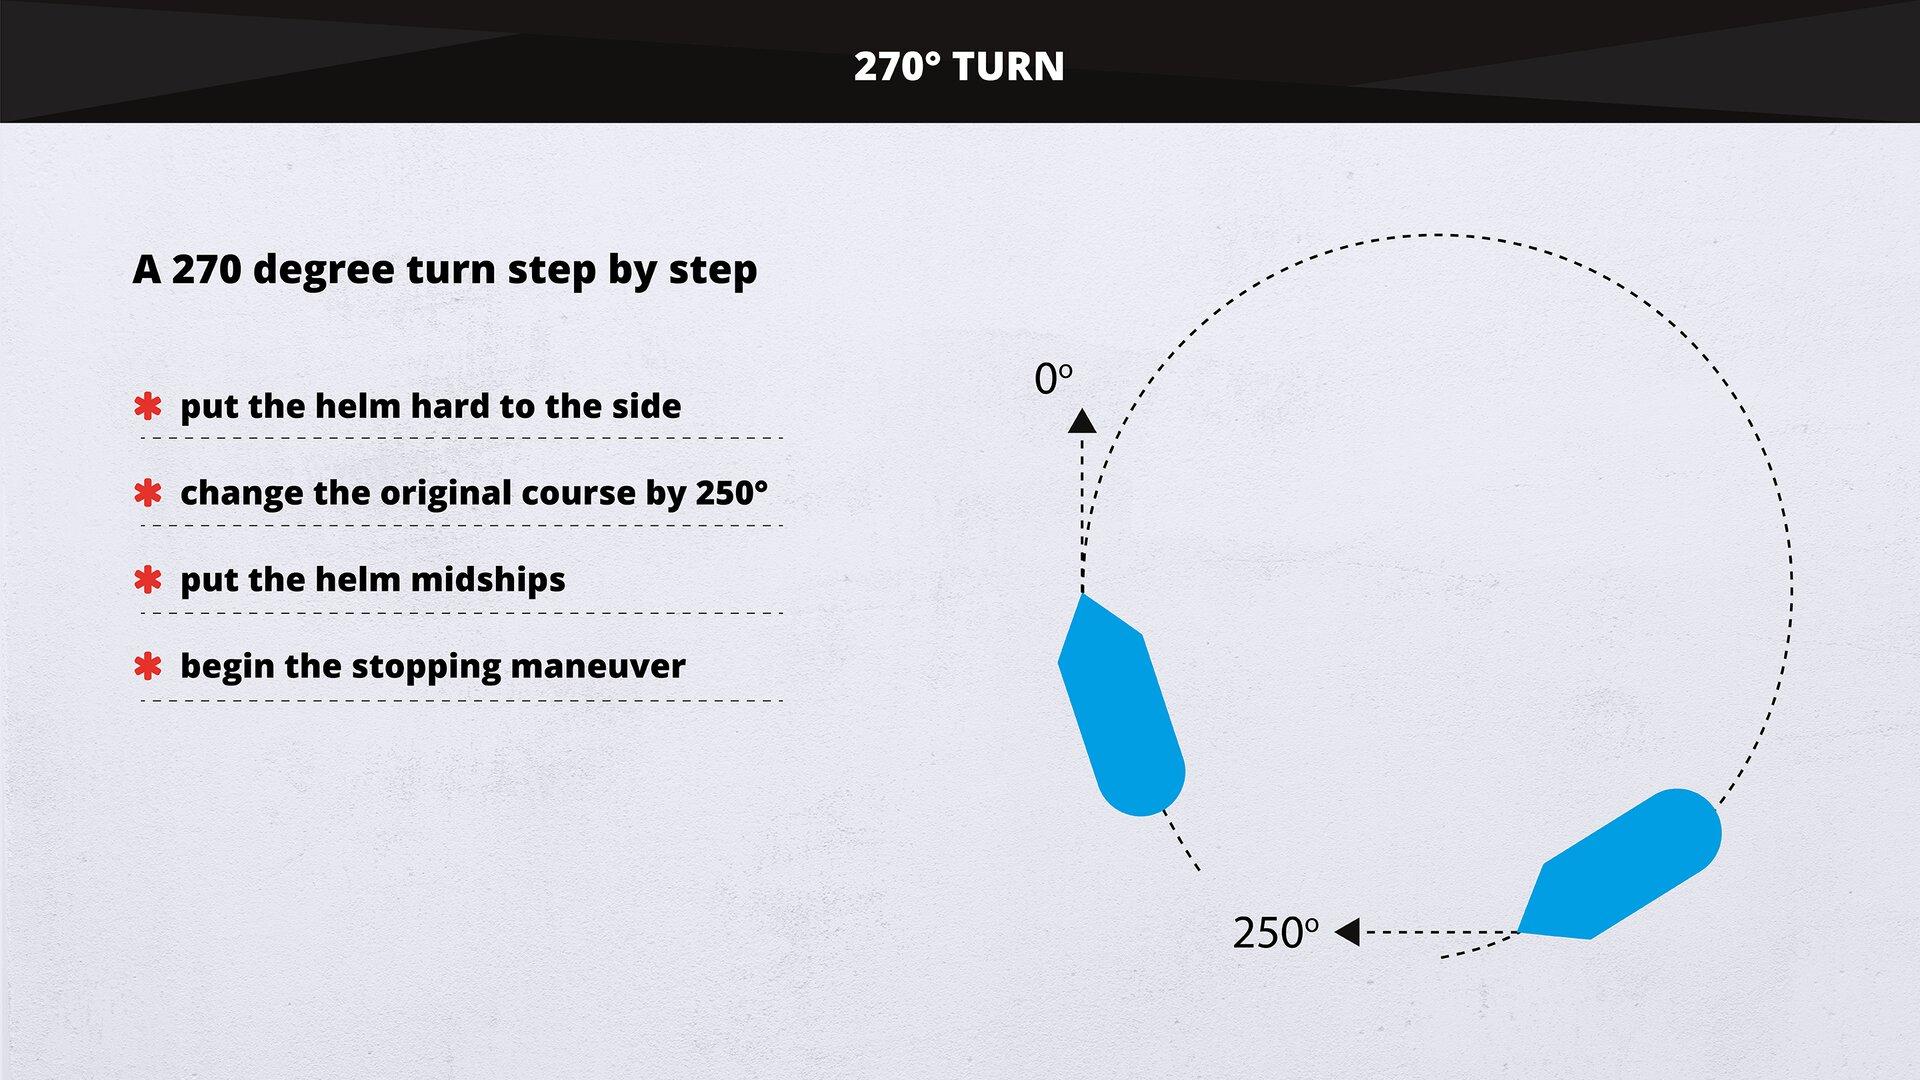 The image presents aschematic representation of a270° turn. Grafika wschematyczny sposób pokazuje zwrot o270°.